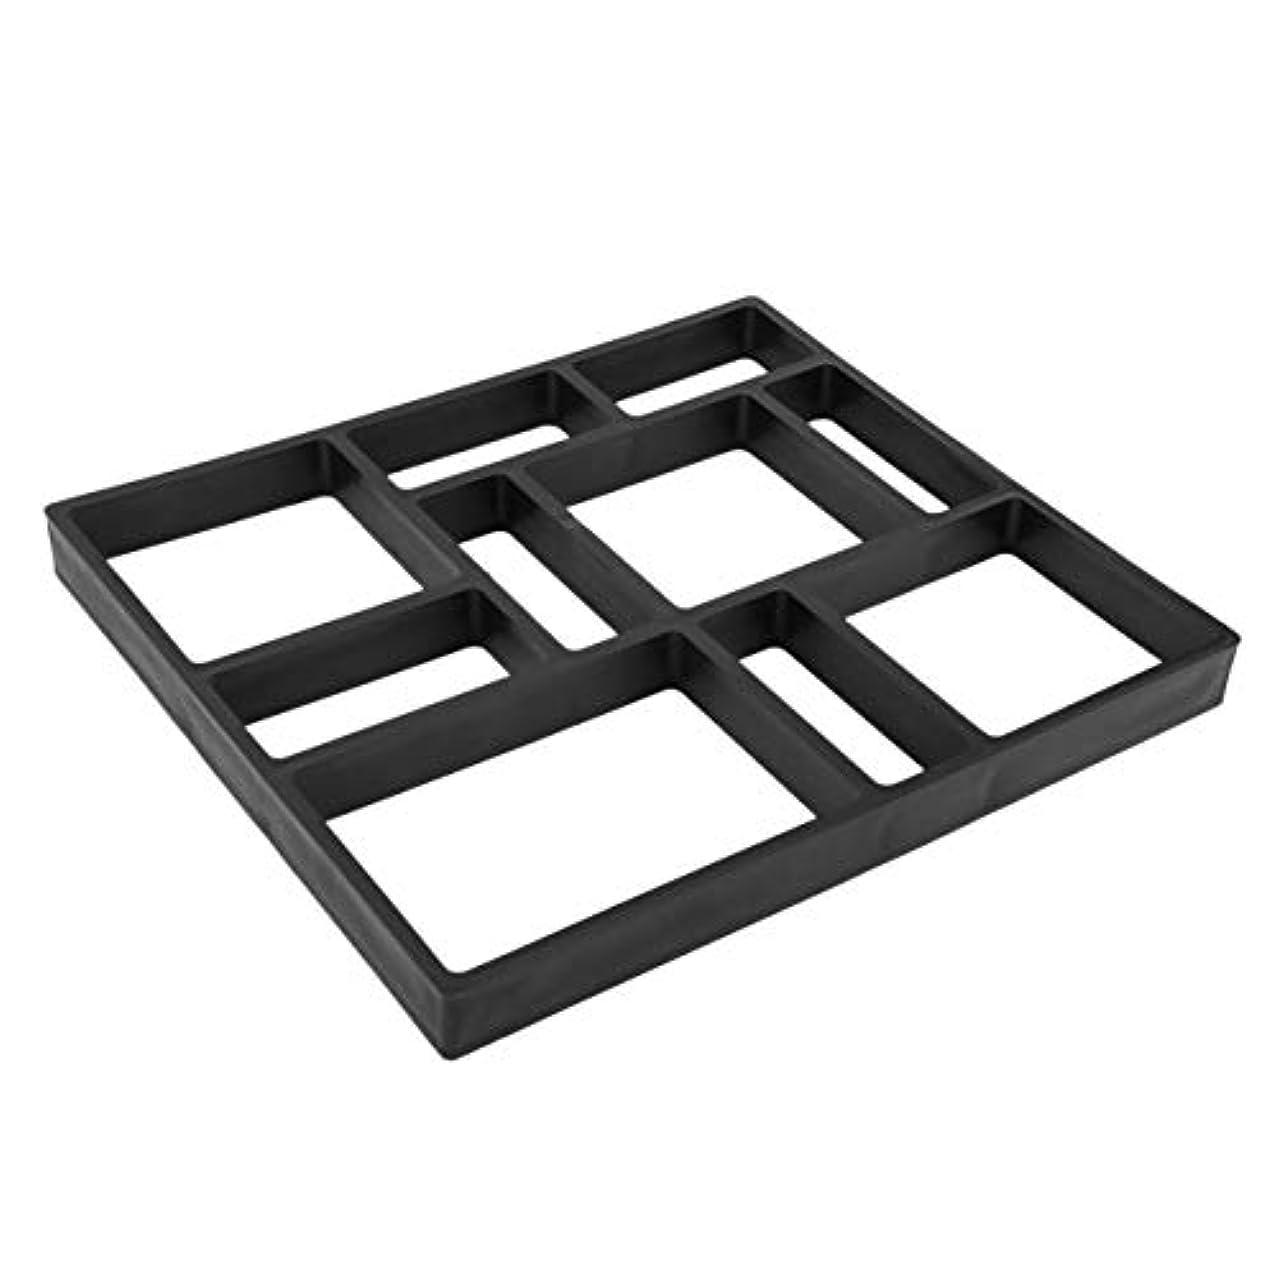 精緻化減衰処方Saikogoods DIY不規則な/矩形パターンパーソナライズされた舗装のコンクリートレンガ石屋外装飾庭パスのメーカー芝生 黒